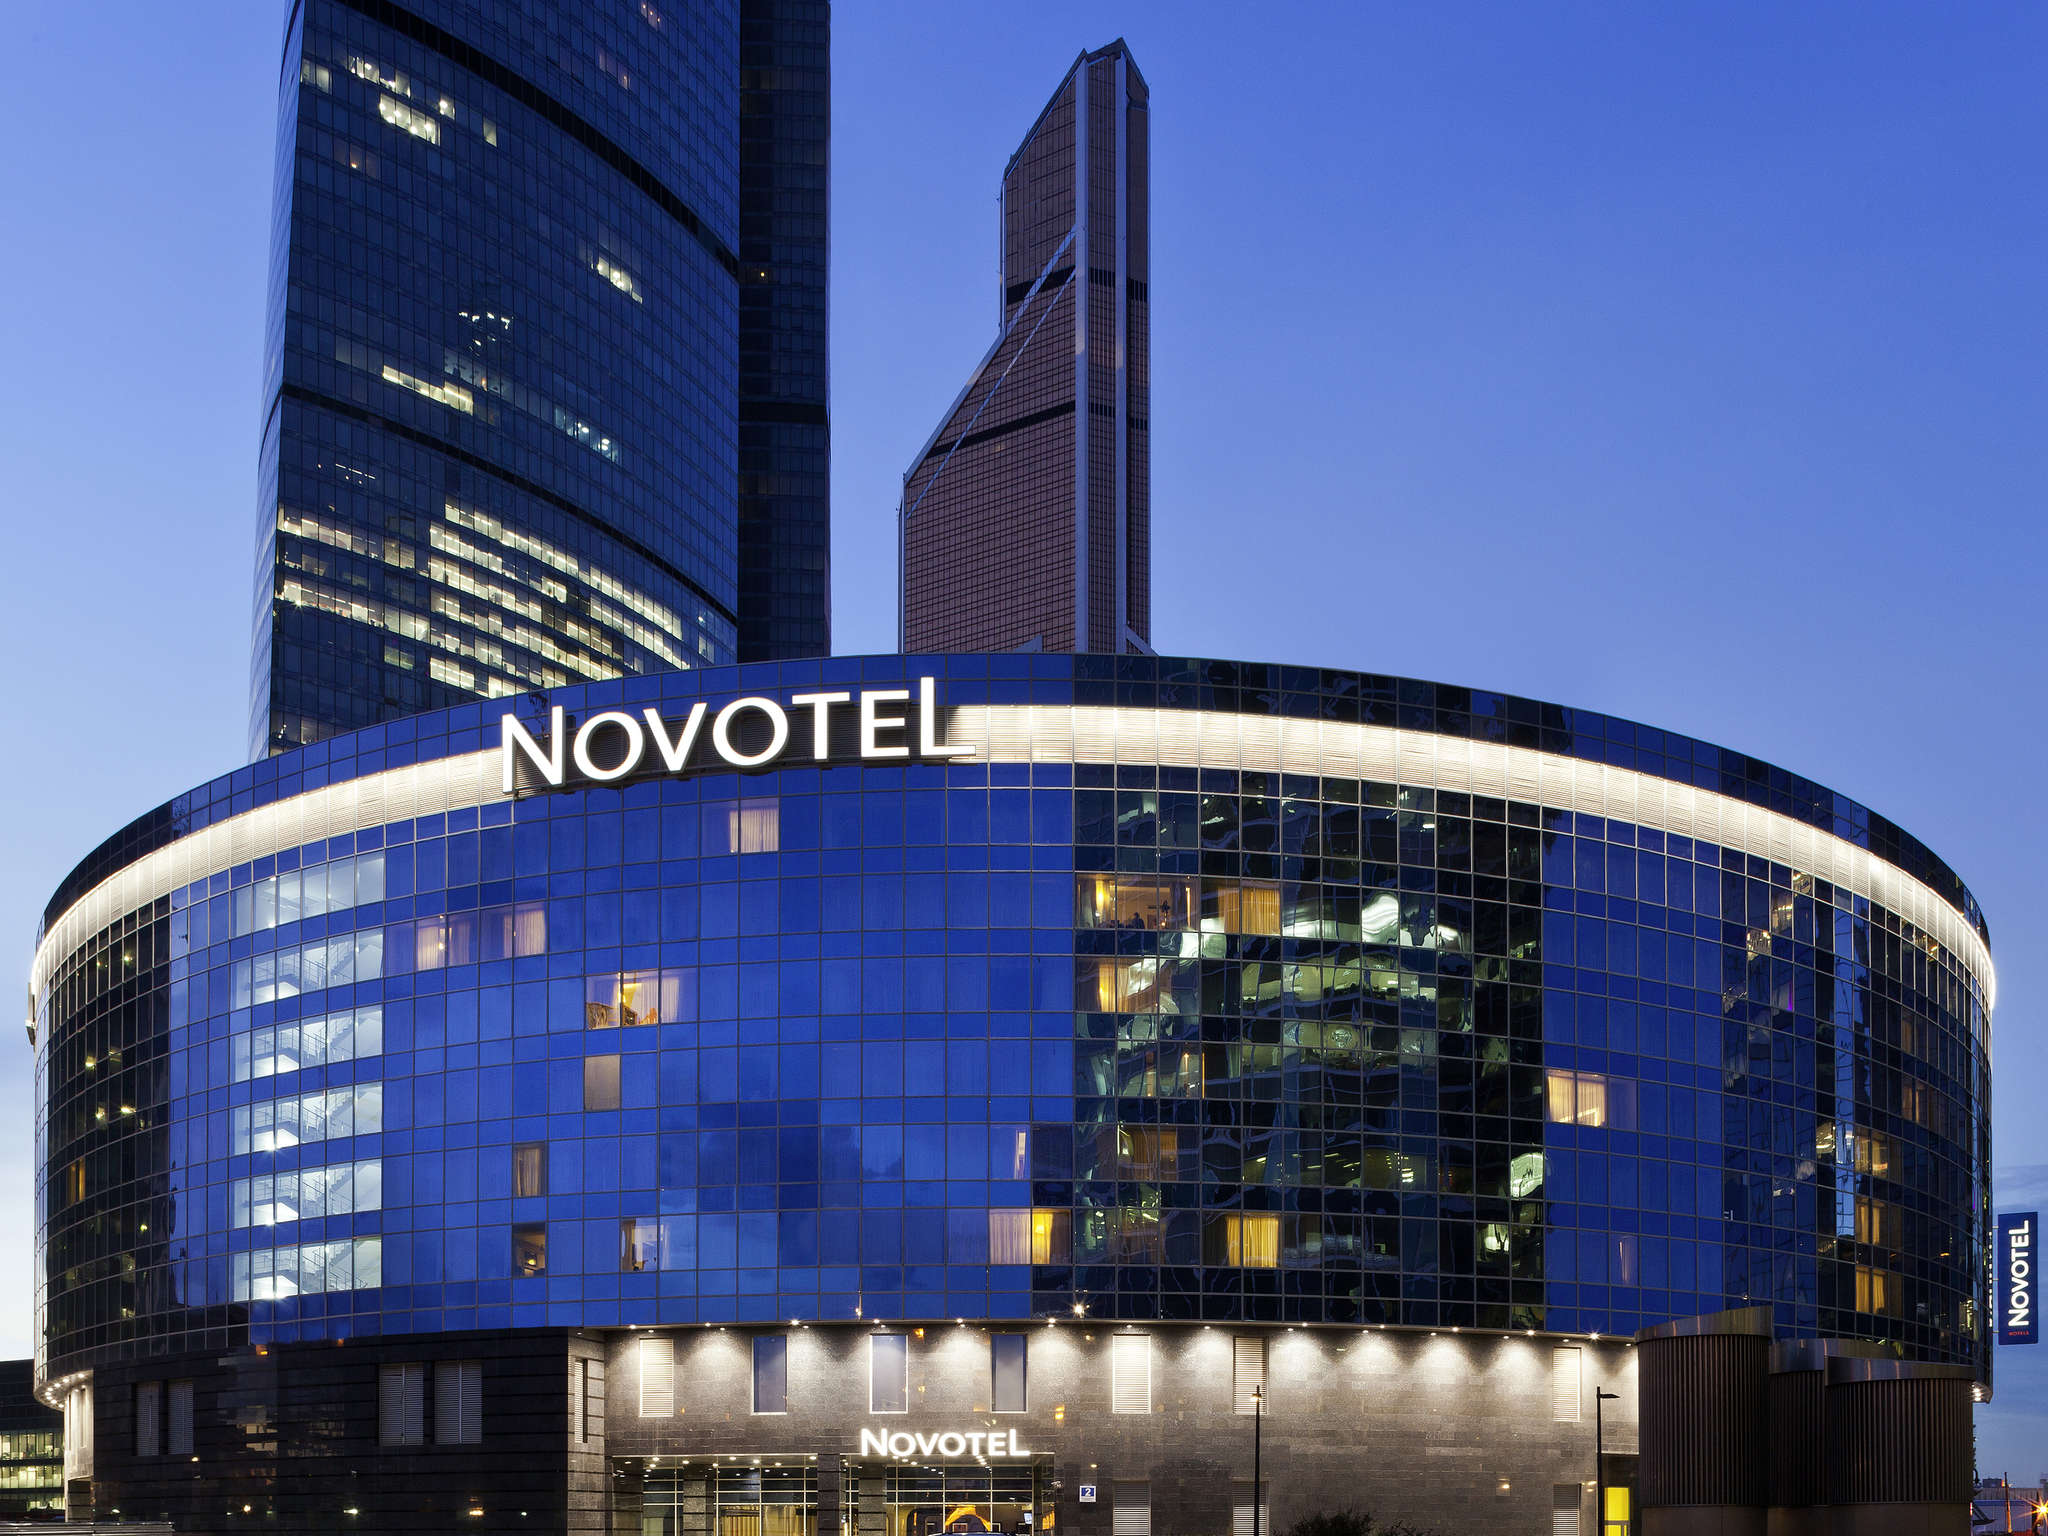 فندق - نوفوتيل Novotel موسكو سيتي